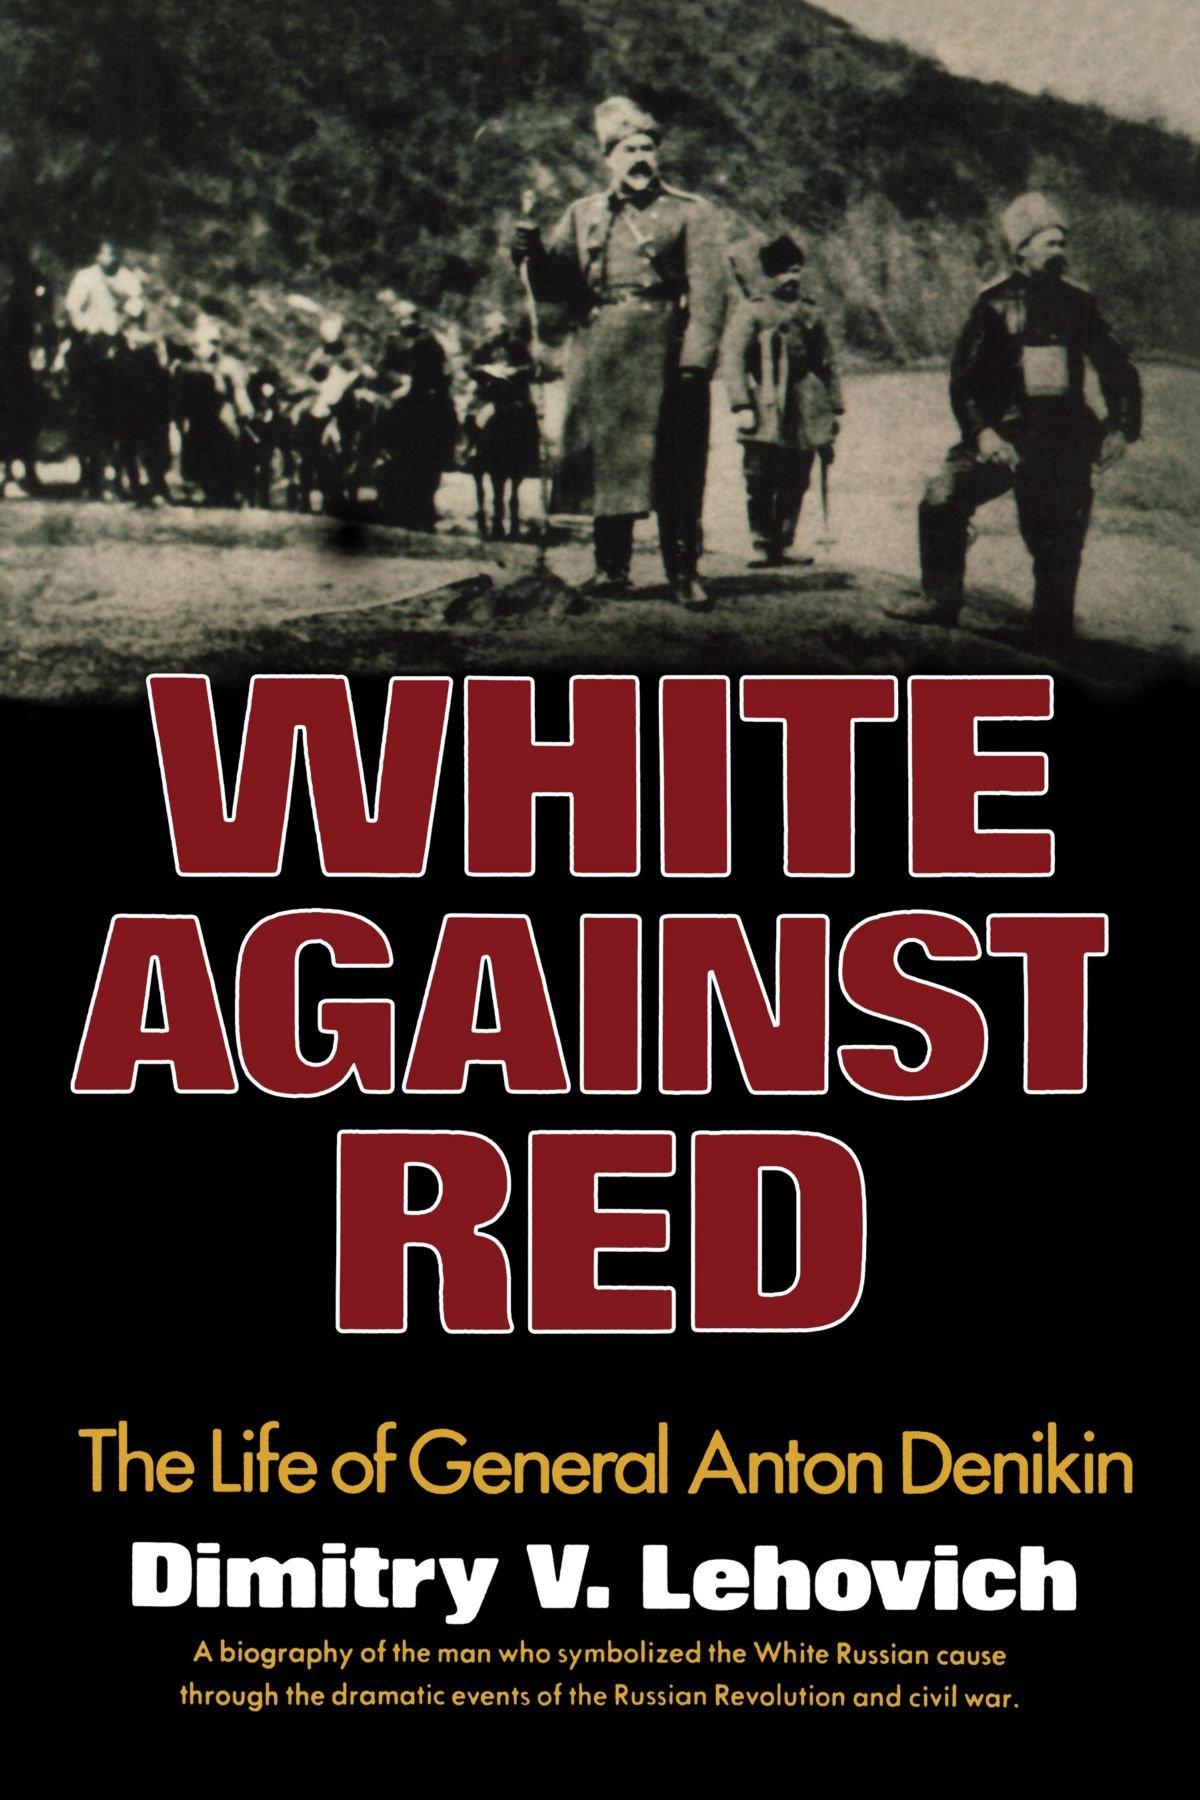 White Against Red: The Life of General Anton Denikin